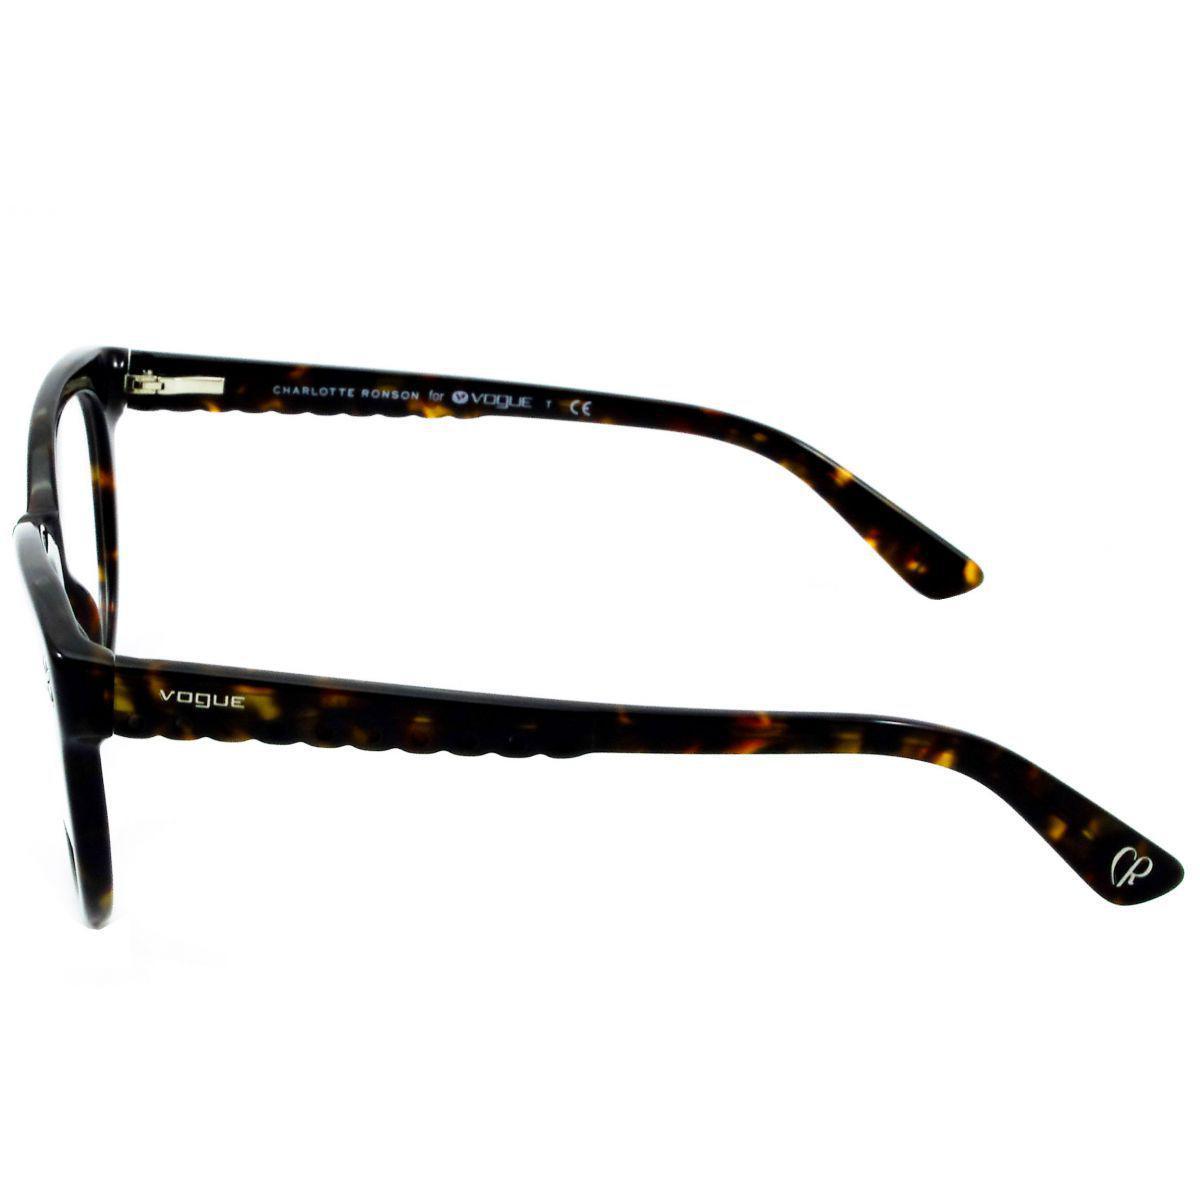 1cf9741ff23f8 Óculos De Grau Feminino Vogue VO2887 W656 Tam.51 - Vogue original R  399,00  à vista. Adicionar à sacola